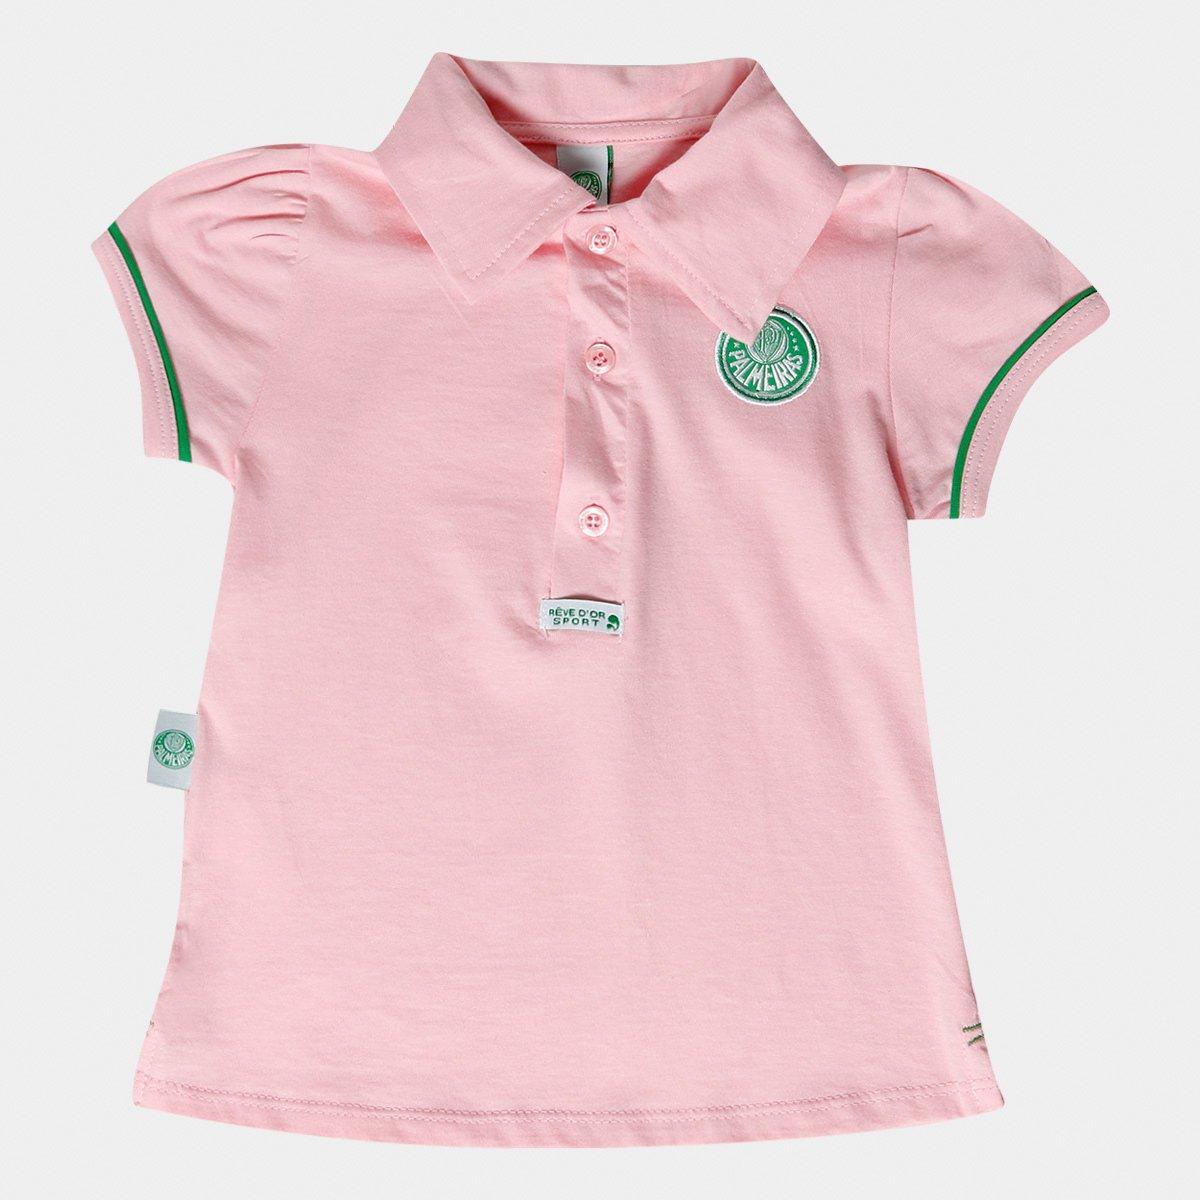 e5be505b896bc Camisa Polo Rosa Palmeiras Infantil - Verde e Branco - Compre Agora ...